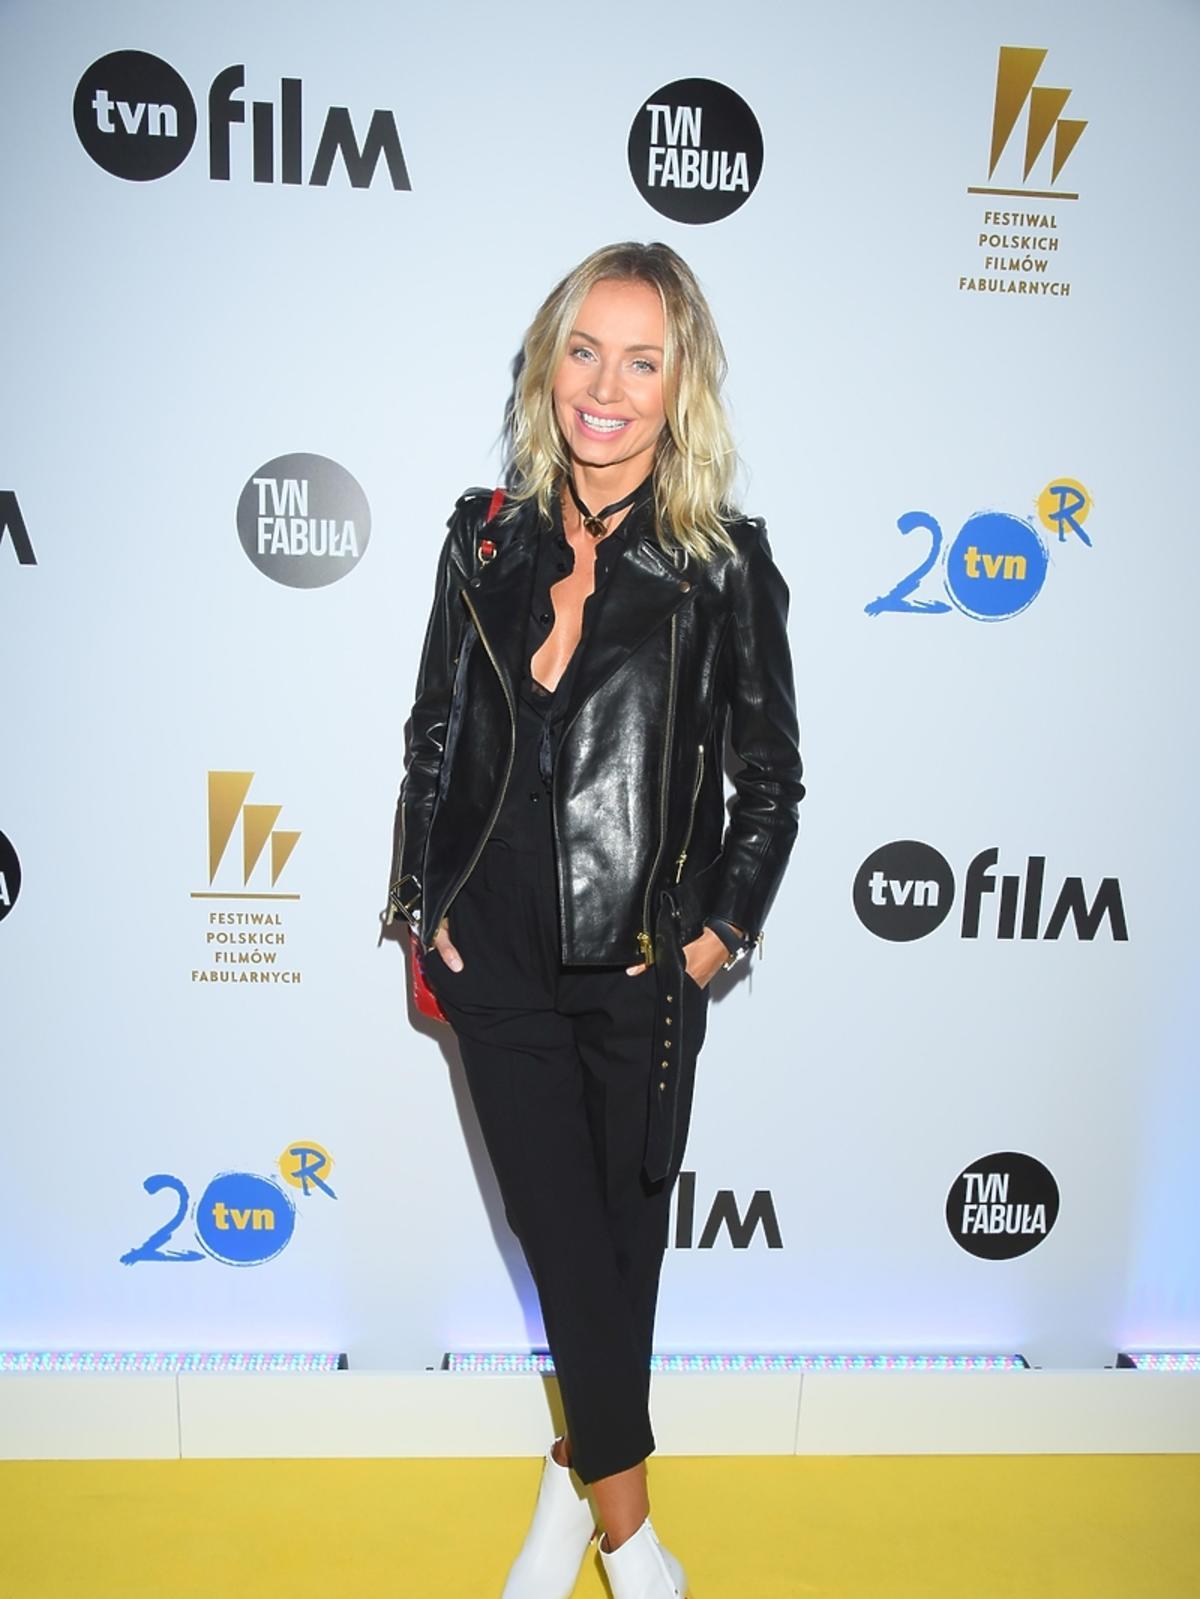 Agnieszka Woźniak Starak na imprezie TVN na Festiwalu Filmowym w Gdyni